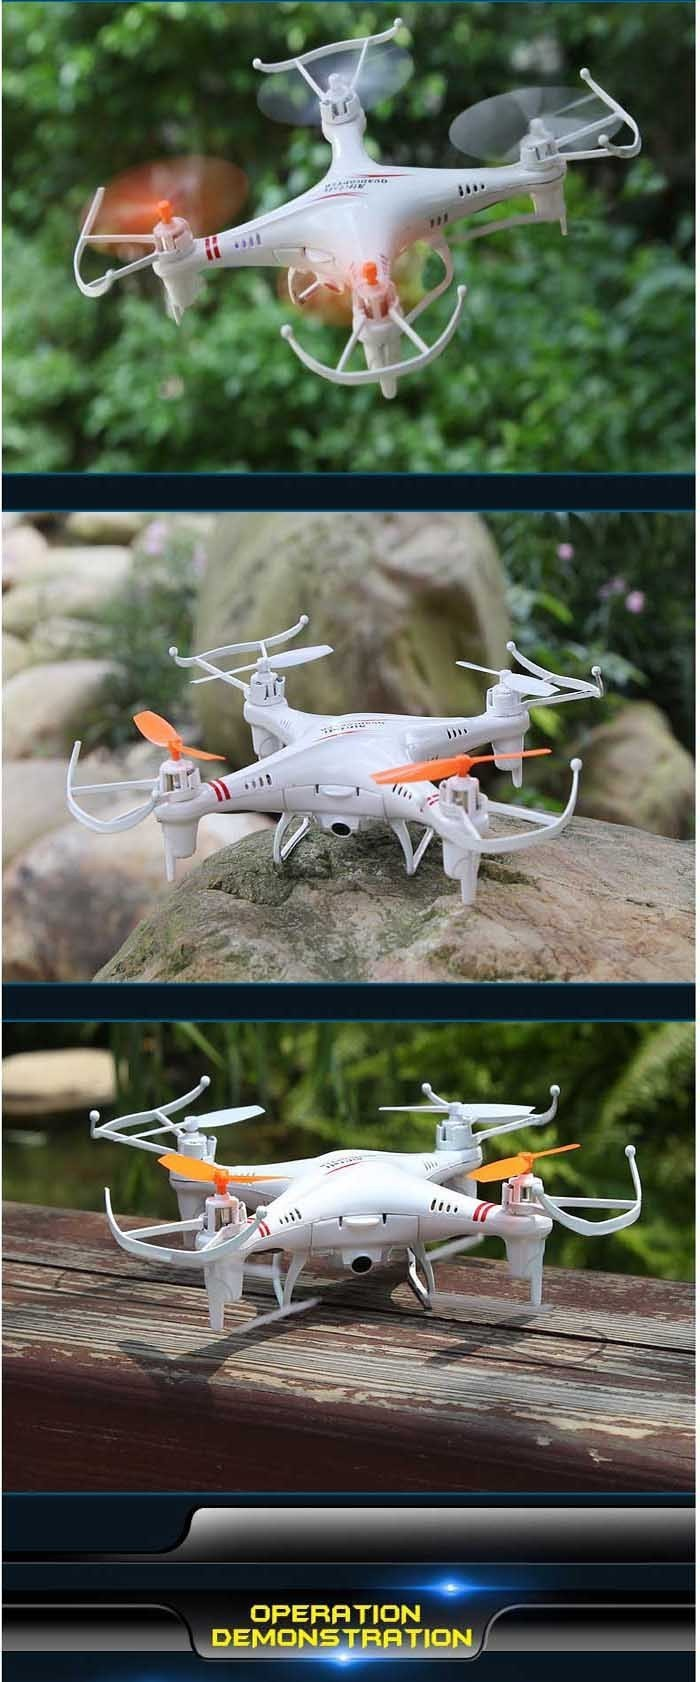 100% высокое качество оригинальных skytechm62 открытый мини-пульт дистанционного управления вертолет беспилотный горючего 2.4g 4ch с камерой